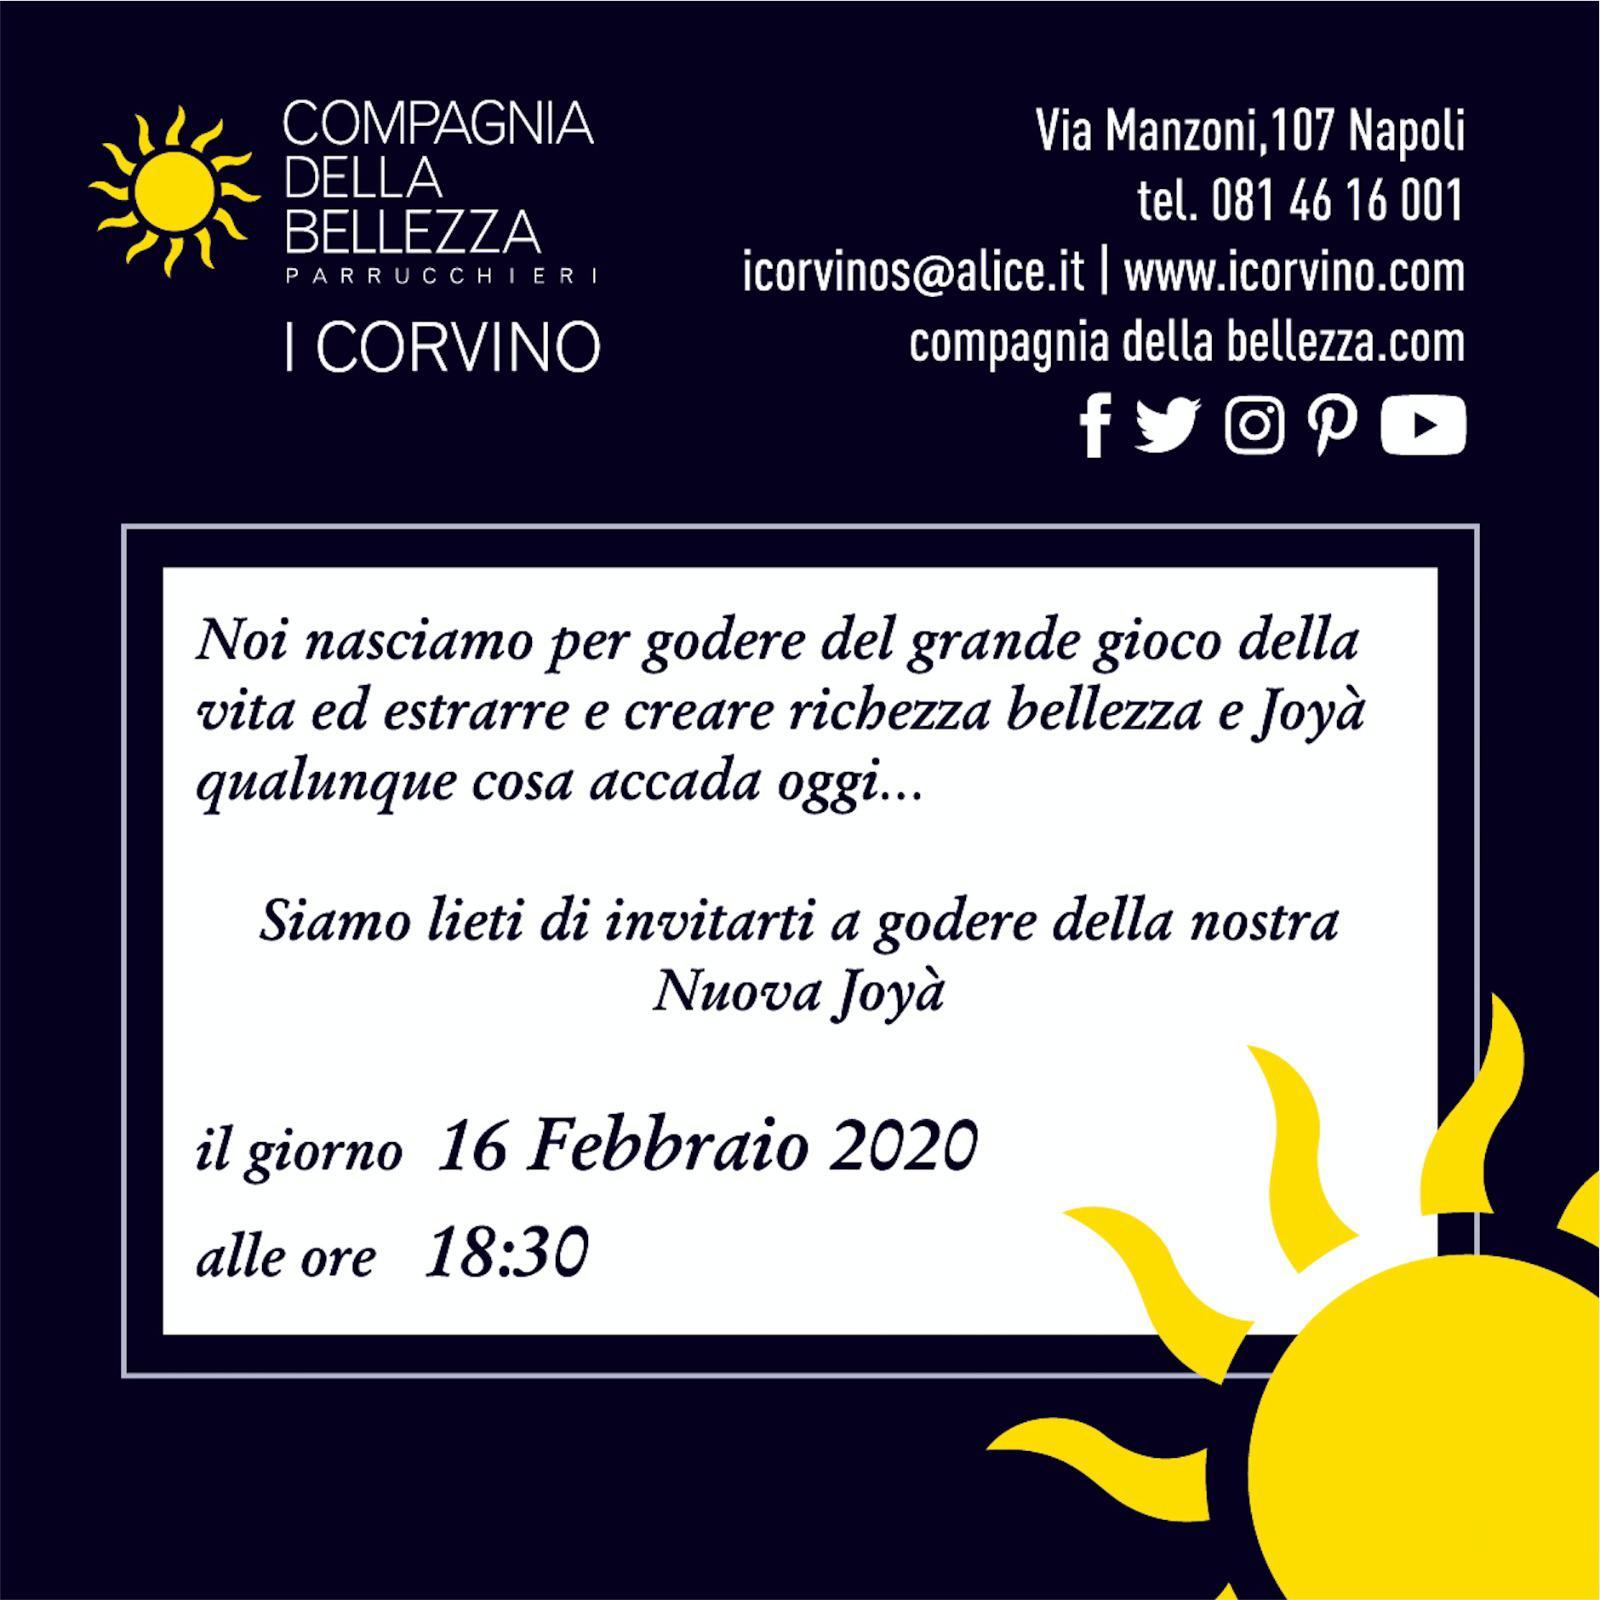 inaugurazioneCorvino-2